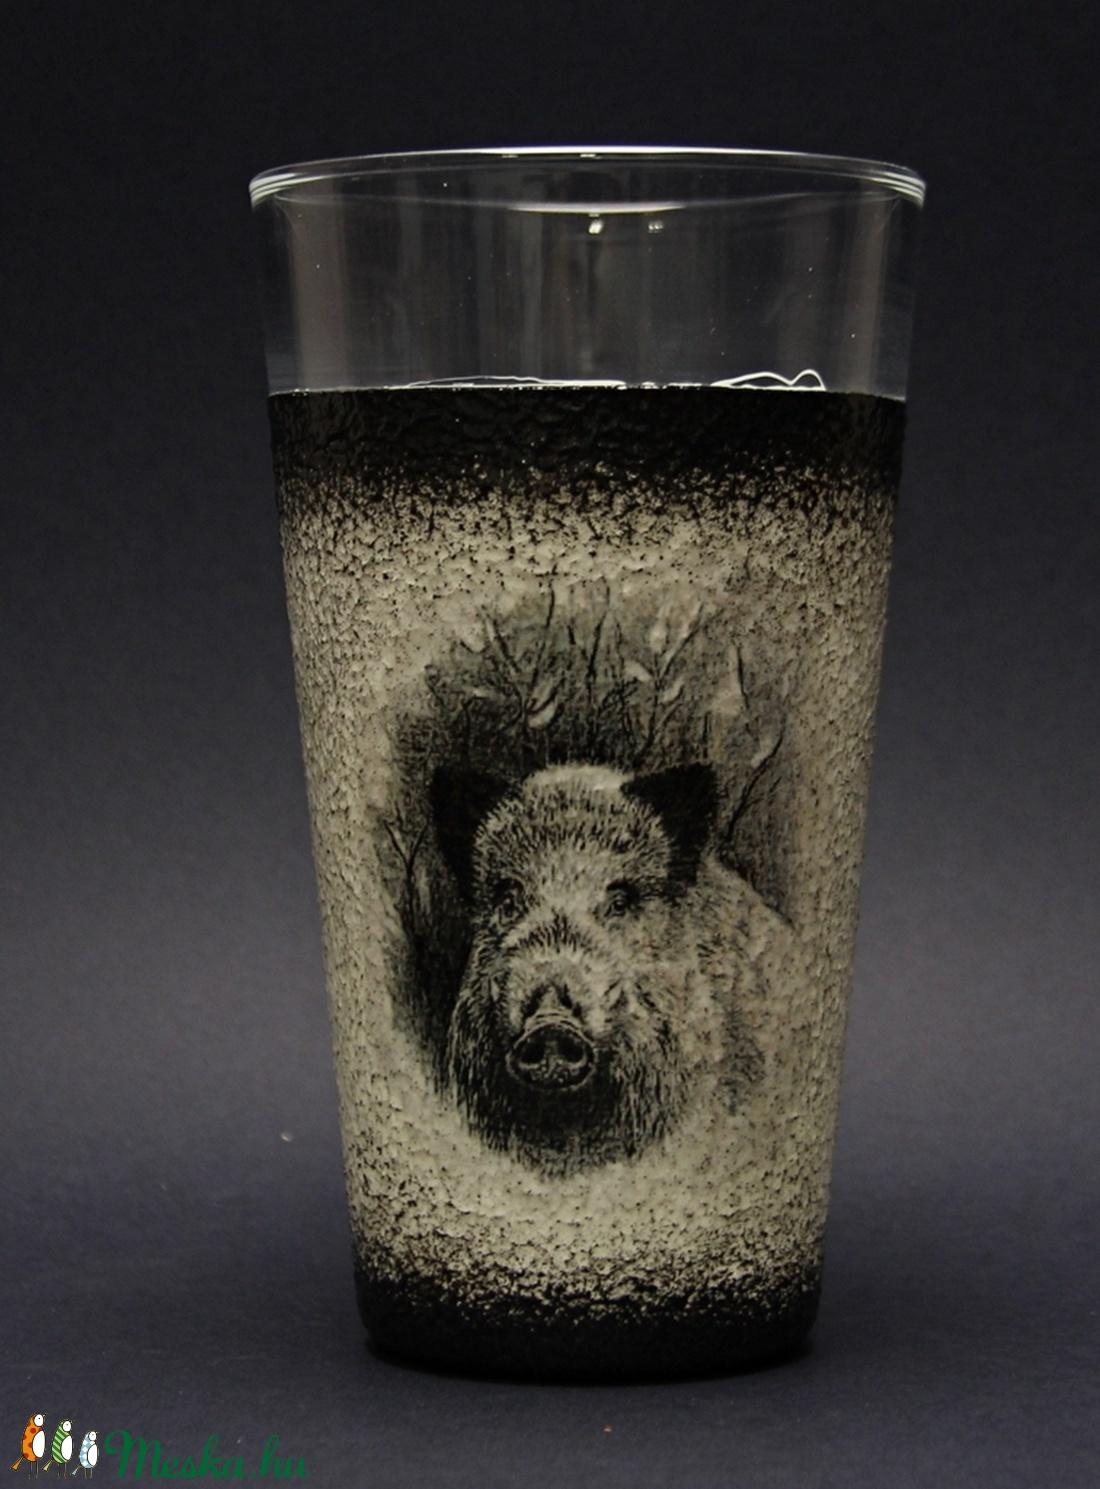 Vadász motívummal (vaddisznó) vizes  pohár ( 0,3 l )  - ideális ajándék a vadászat és természet szerelmeseinek   (decorfantasy) - Meska.hu